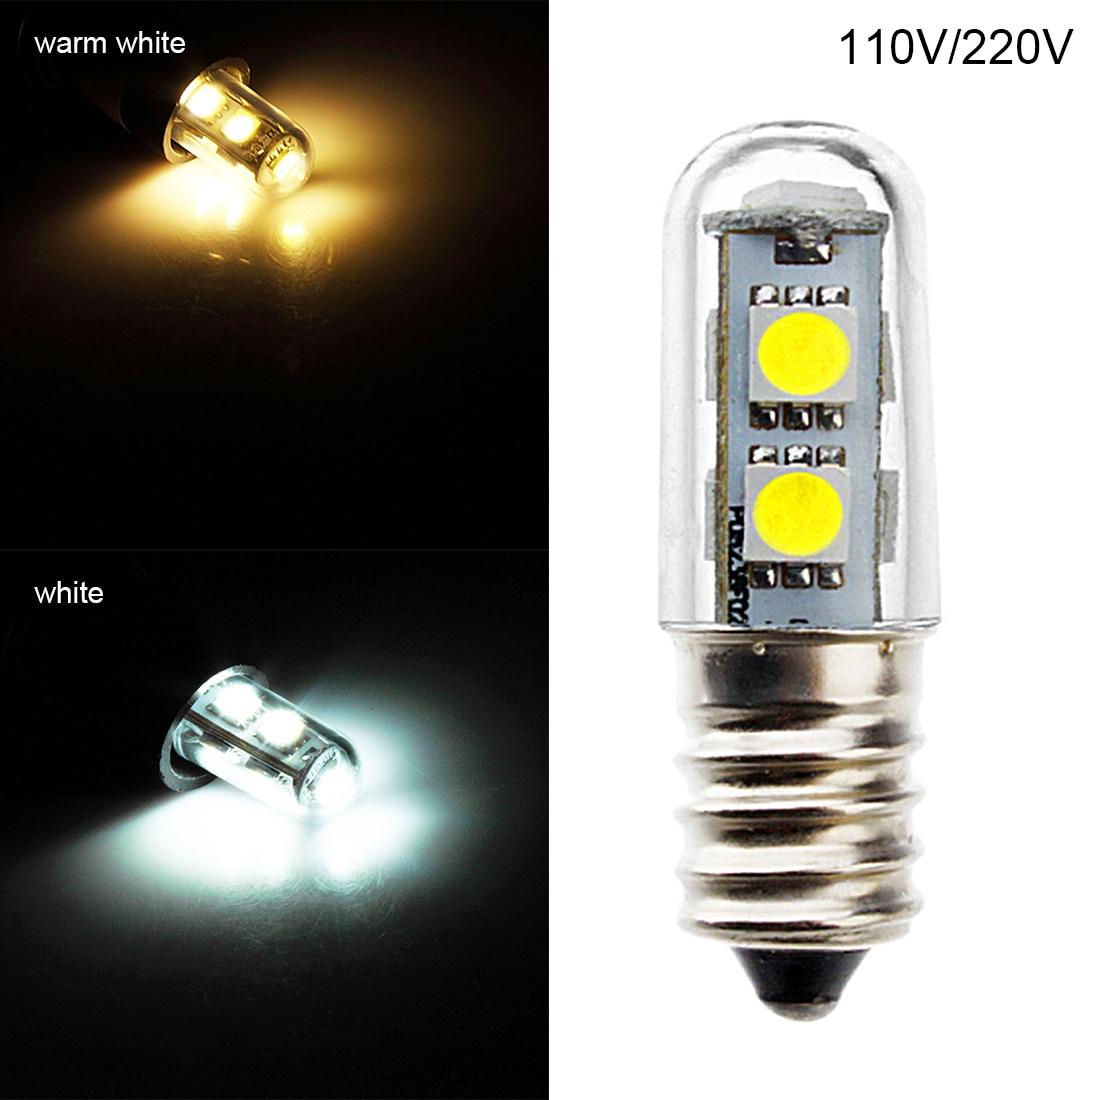 LED Work Light Chandelier 220v E14 11W LED Small Mini Bulb Lights Indicator Lamp For Fridge Refrigerator Freezer Chandelier